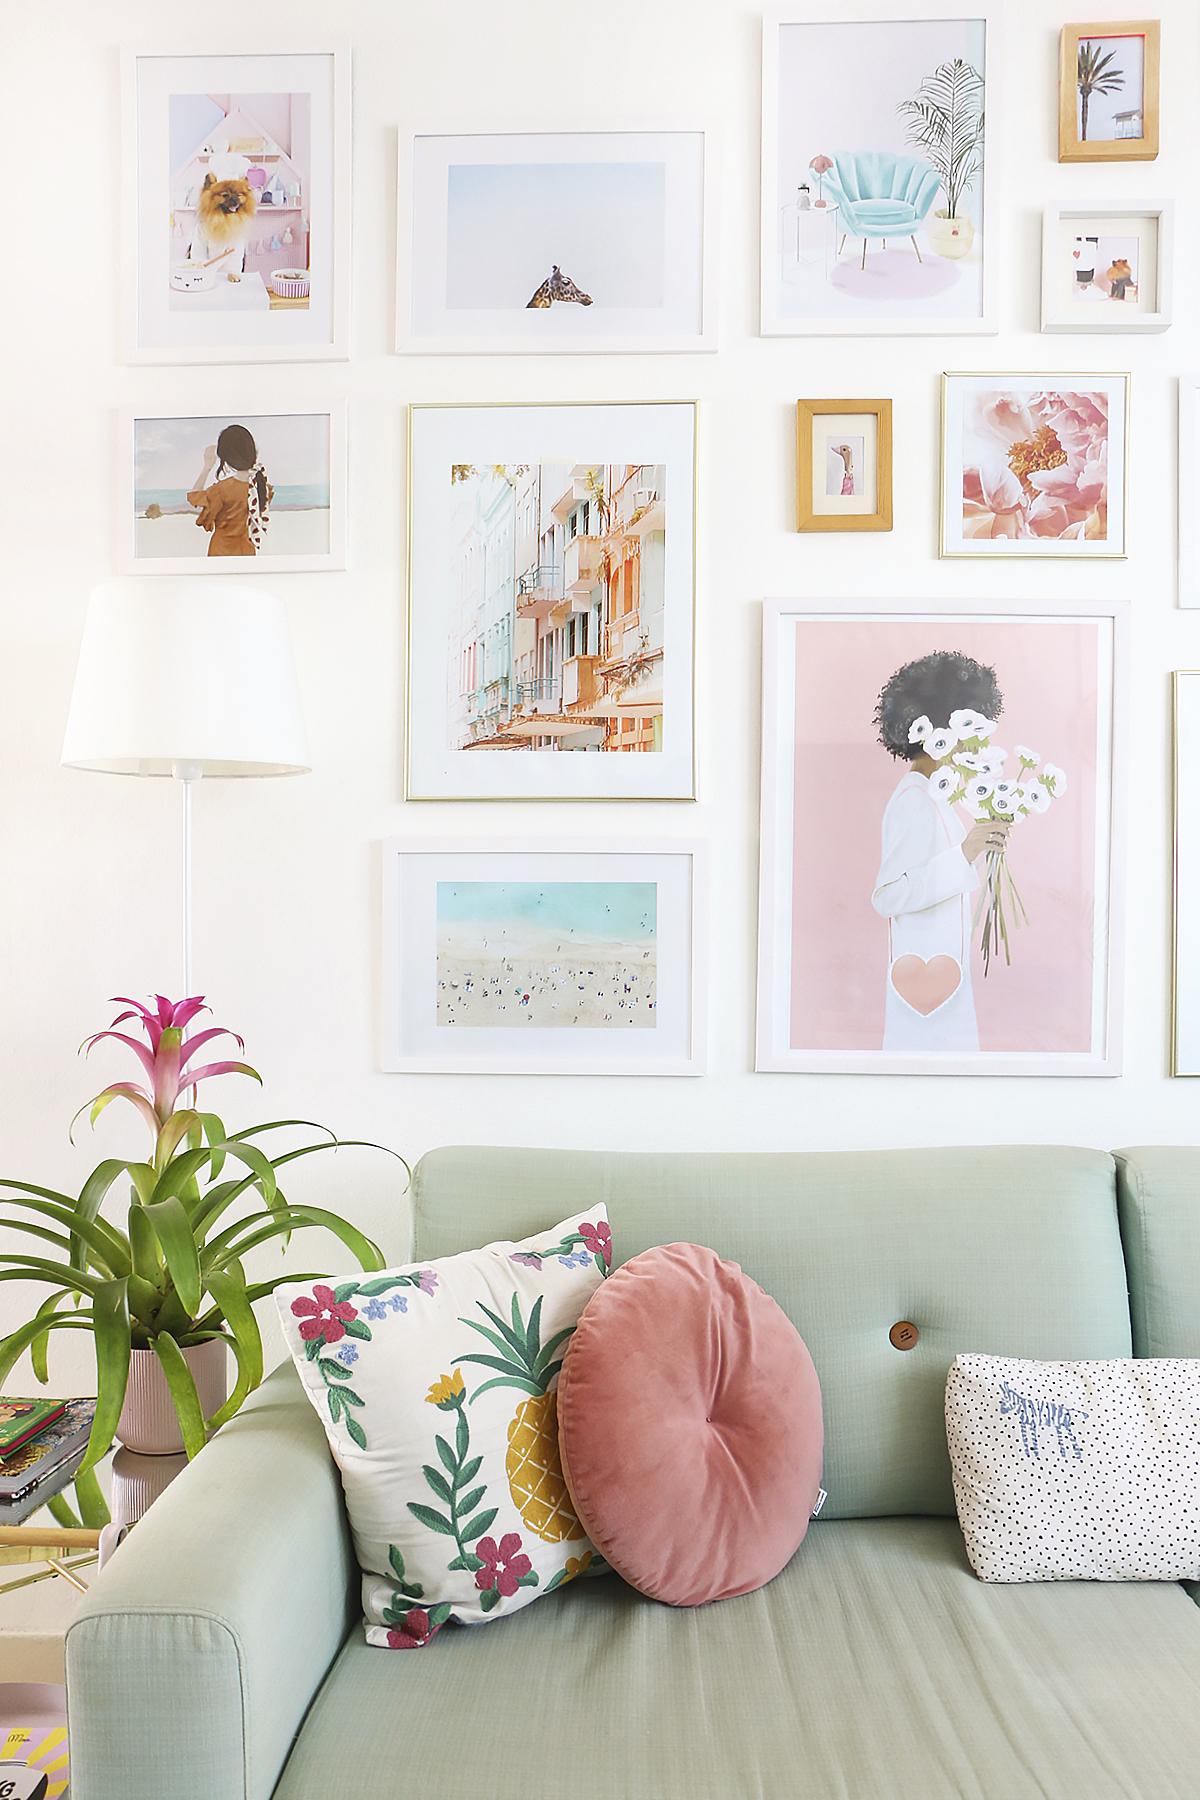 decoração de sala pequena com mesa de jantar e sofá - quarentena reforma em apartamento